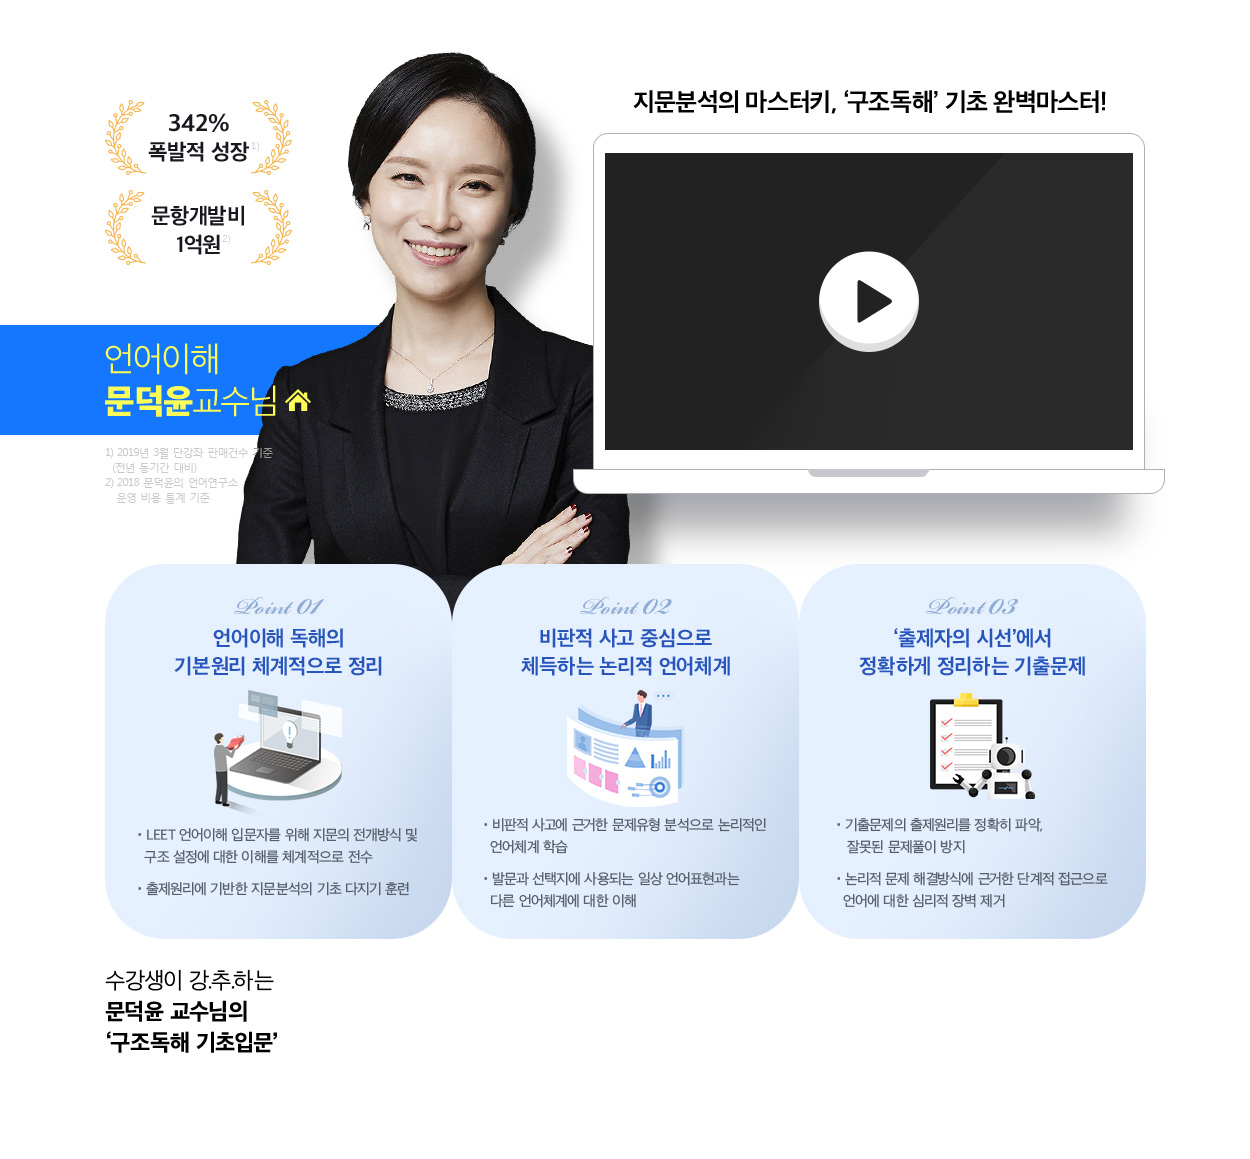 문덕윤 교수님